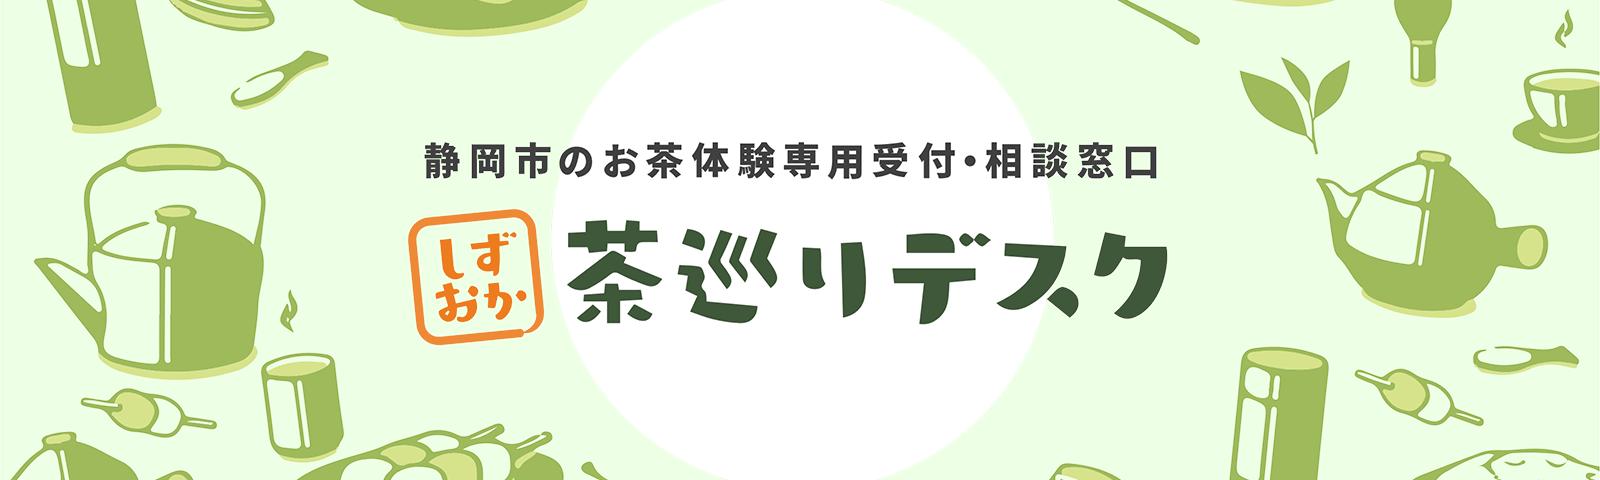 酒店的私人接待和咨询静冈县茶水旅游咨询